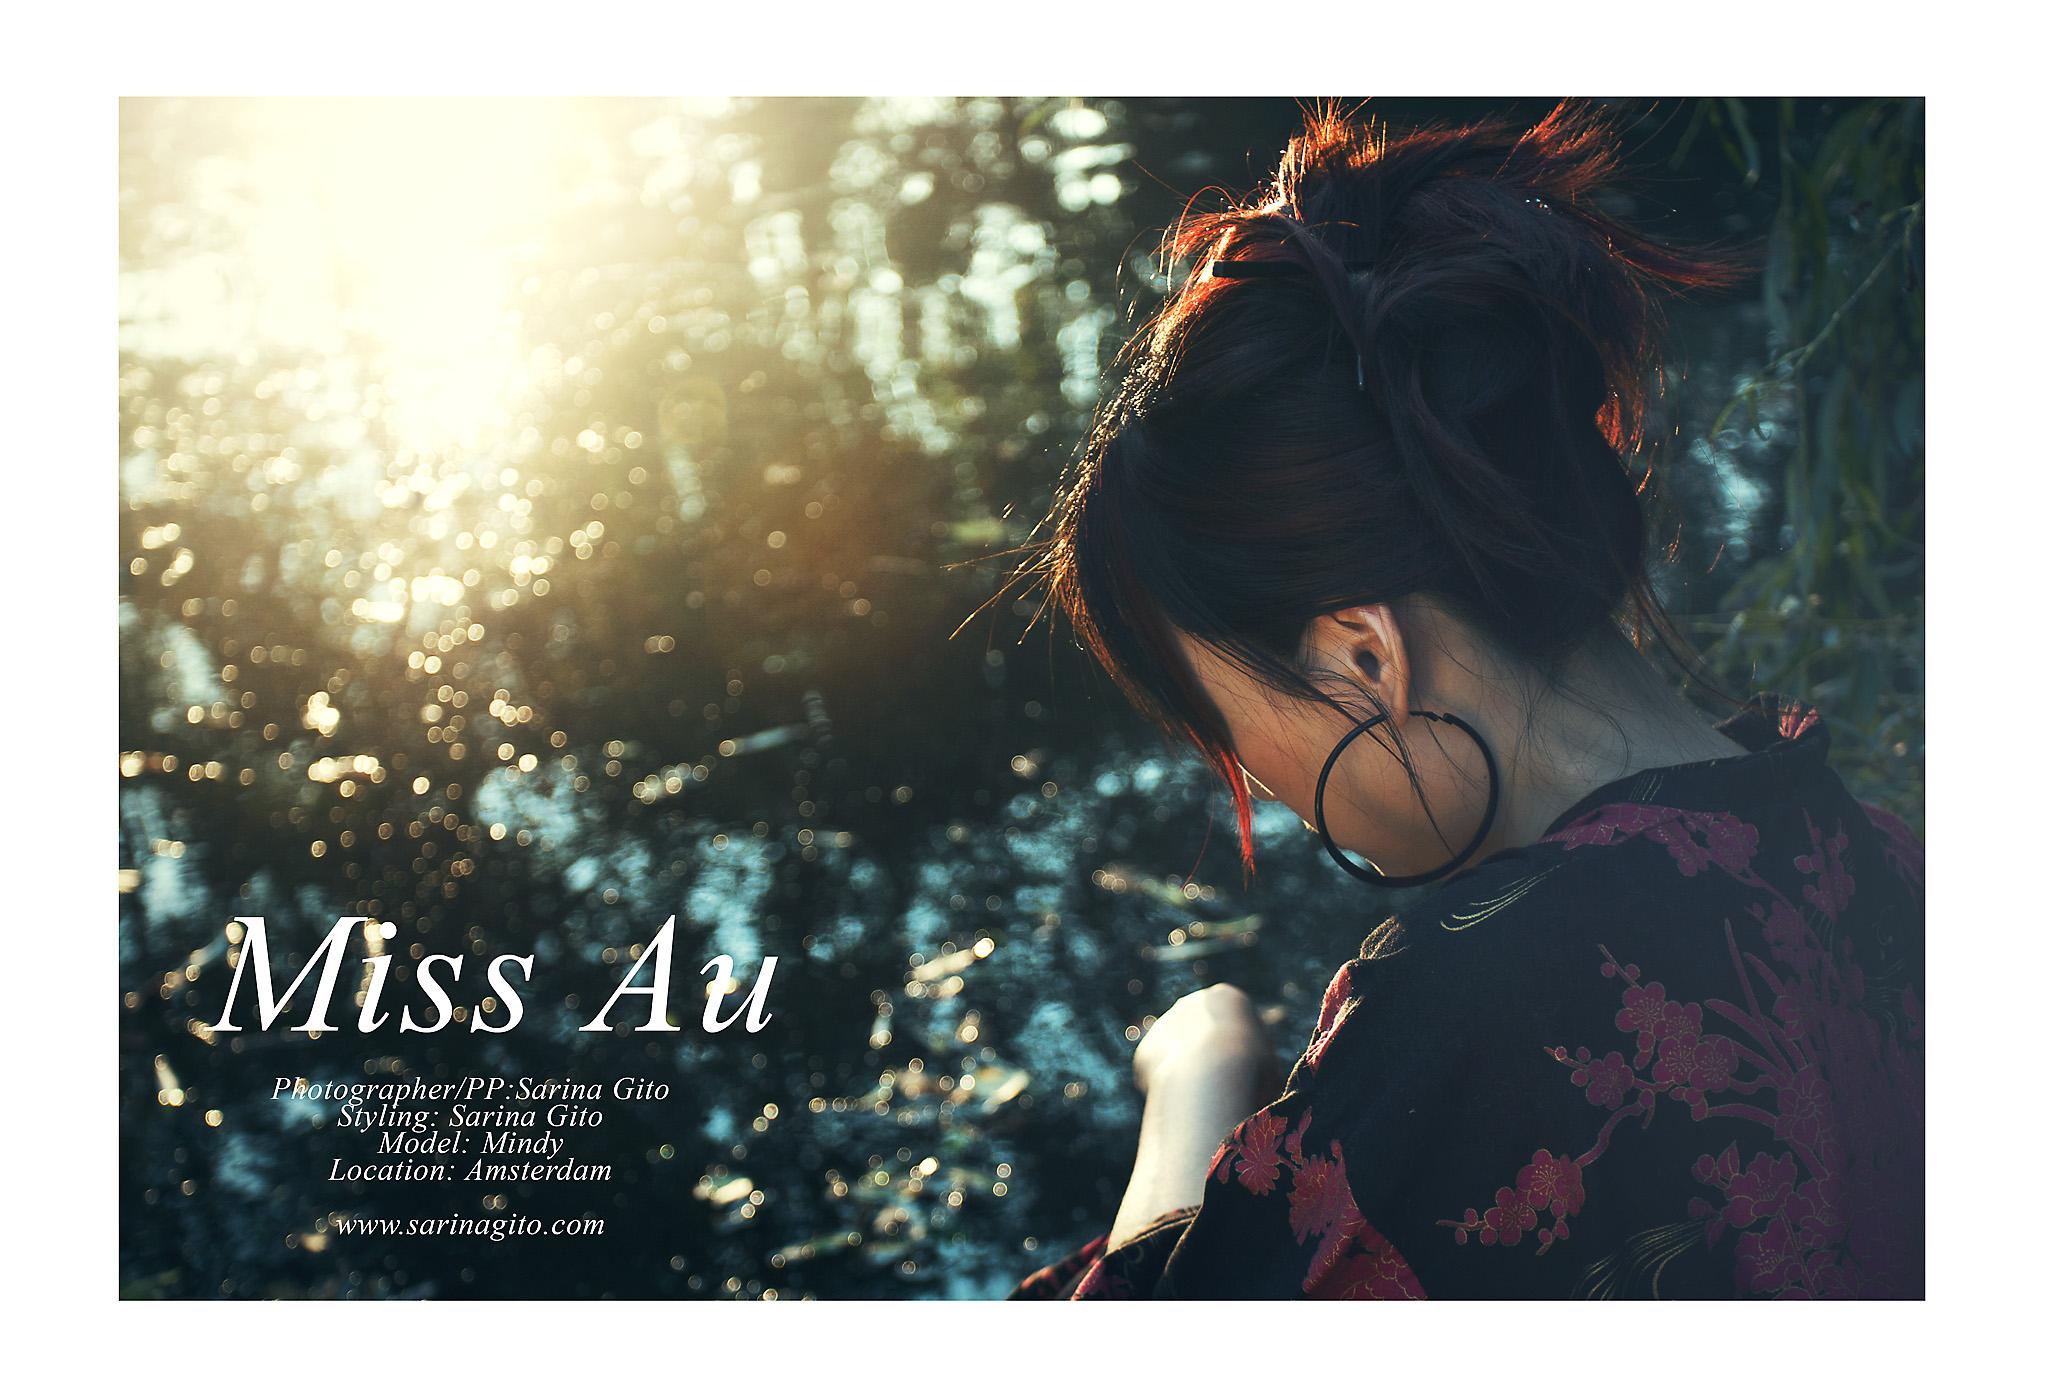 Photographer/PP/Styling: Sarina Gito | Model: Mindy Au